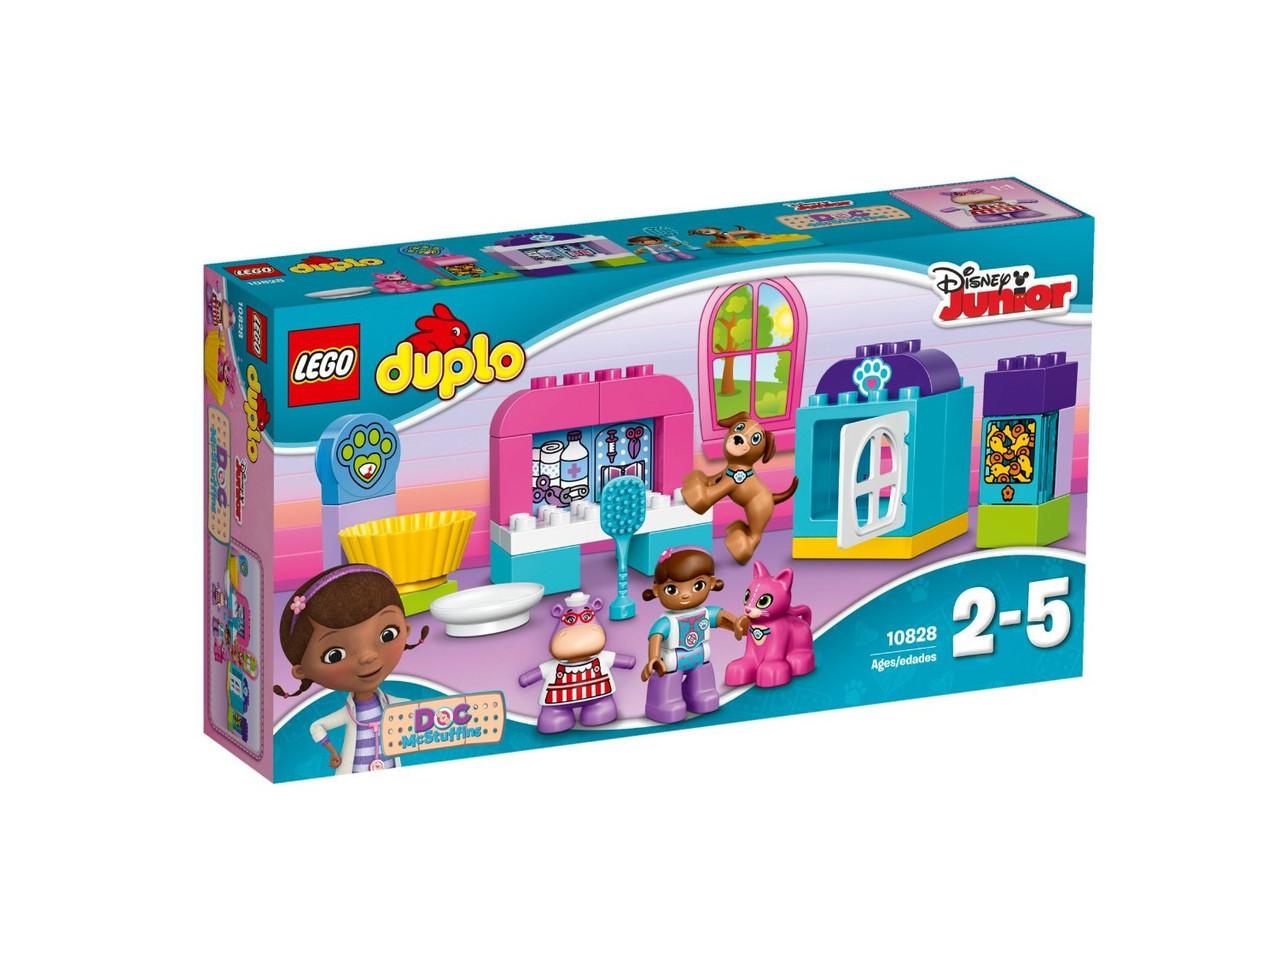 10828 Lego Duplo Ветеринарная клиника доктора Плюшевой, Лего Дупло